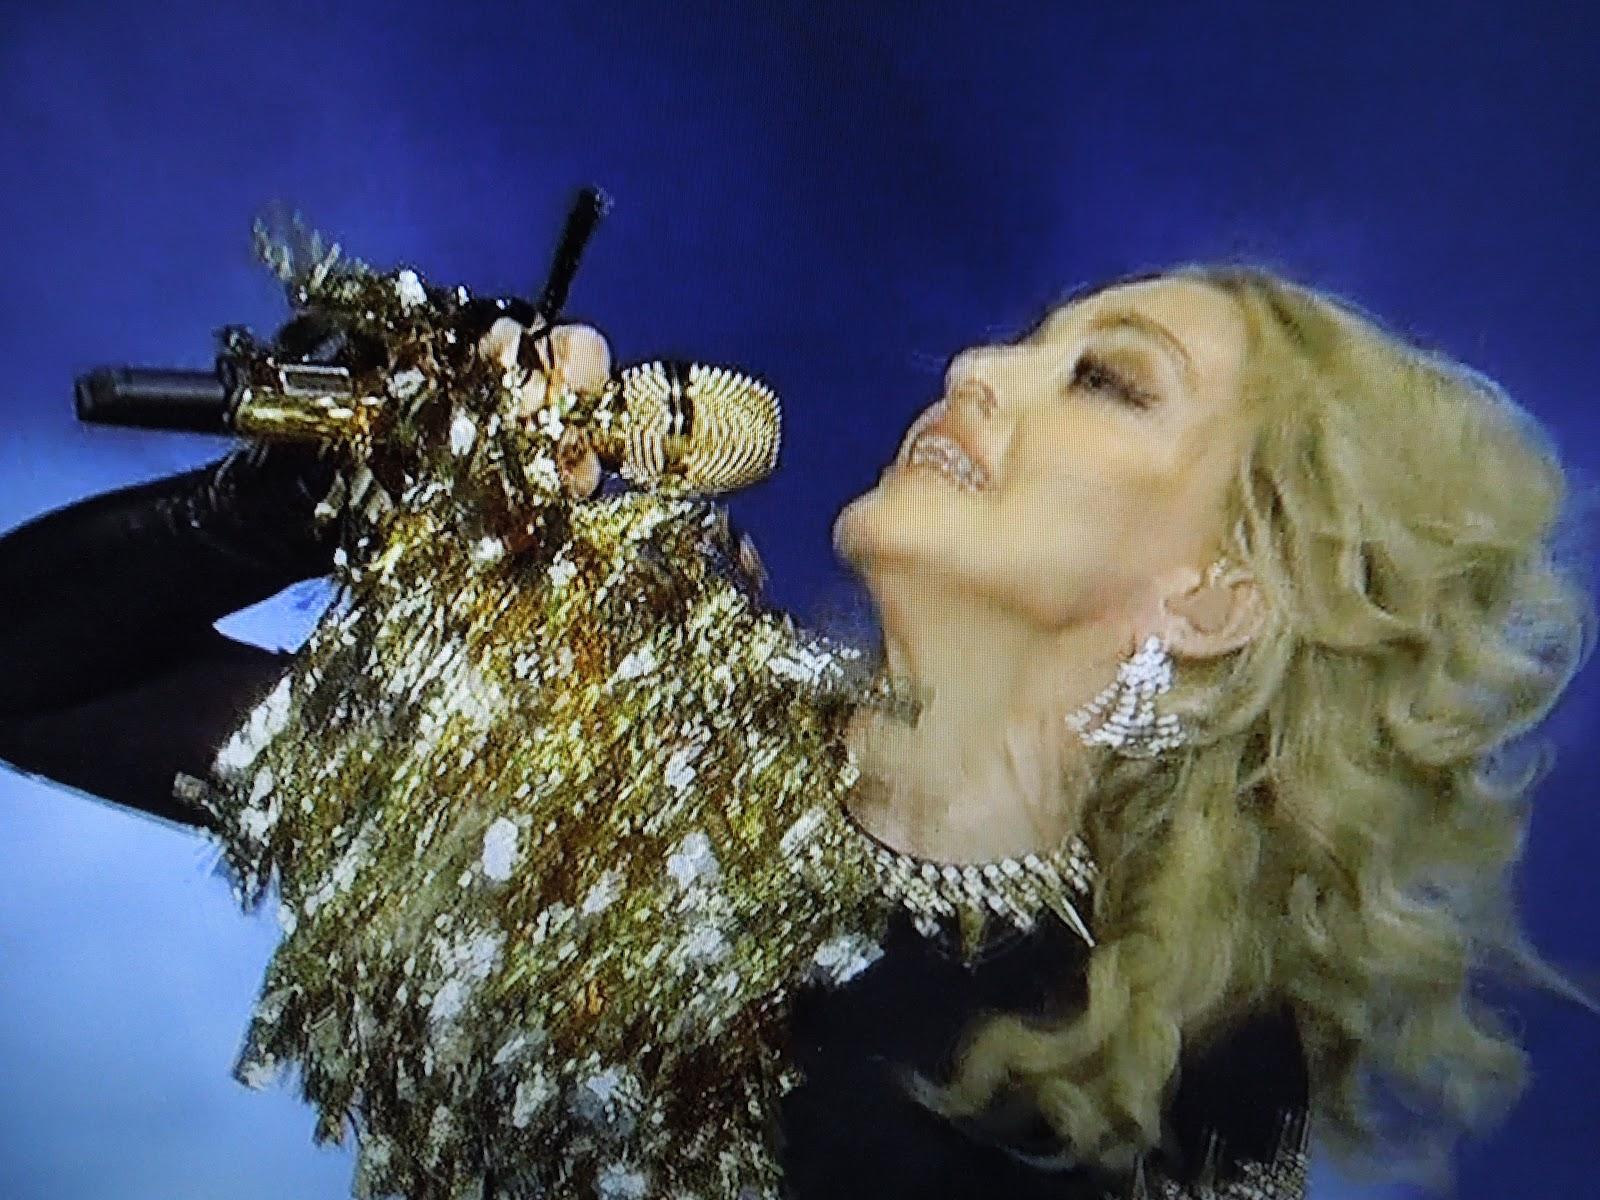 http://2.bp.blogspot.com/-CATN9RrZVTI/TzHxqwnveHI/AAAAAAAAKCQ/NYZcMcaVYG4/s1600/Madonna+Super+Bowl+042.JPG